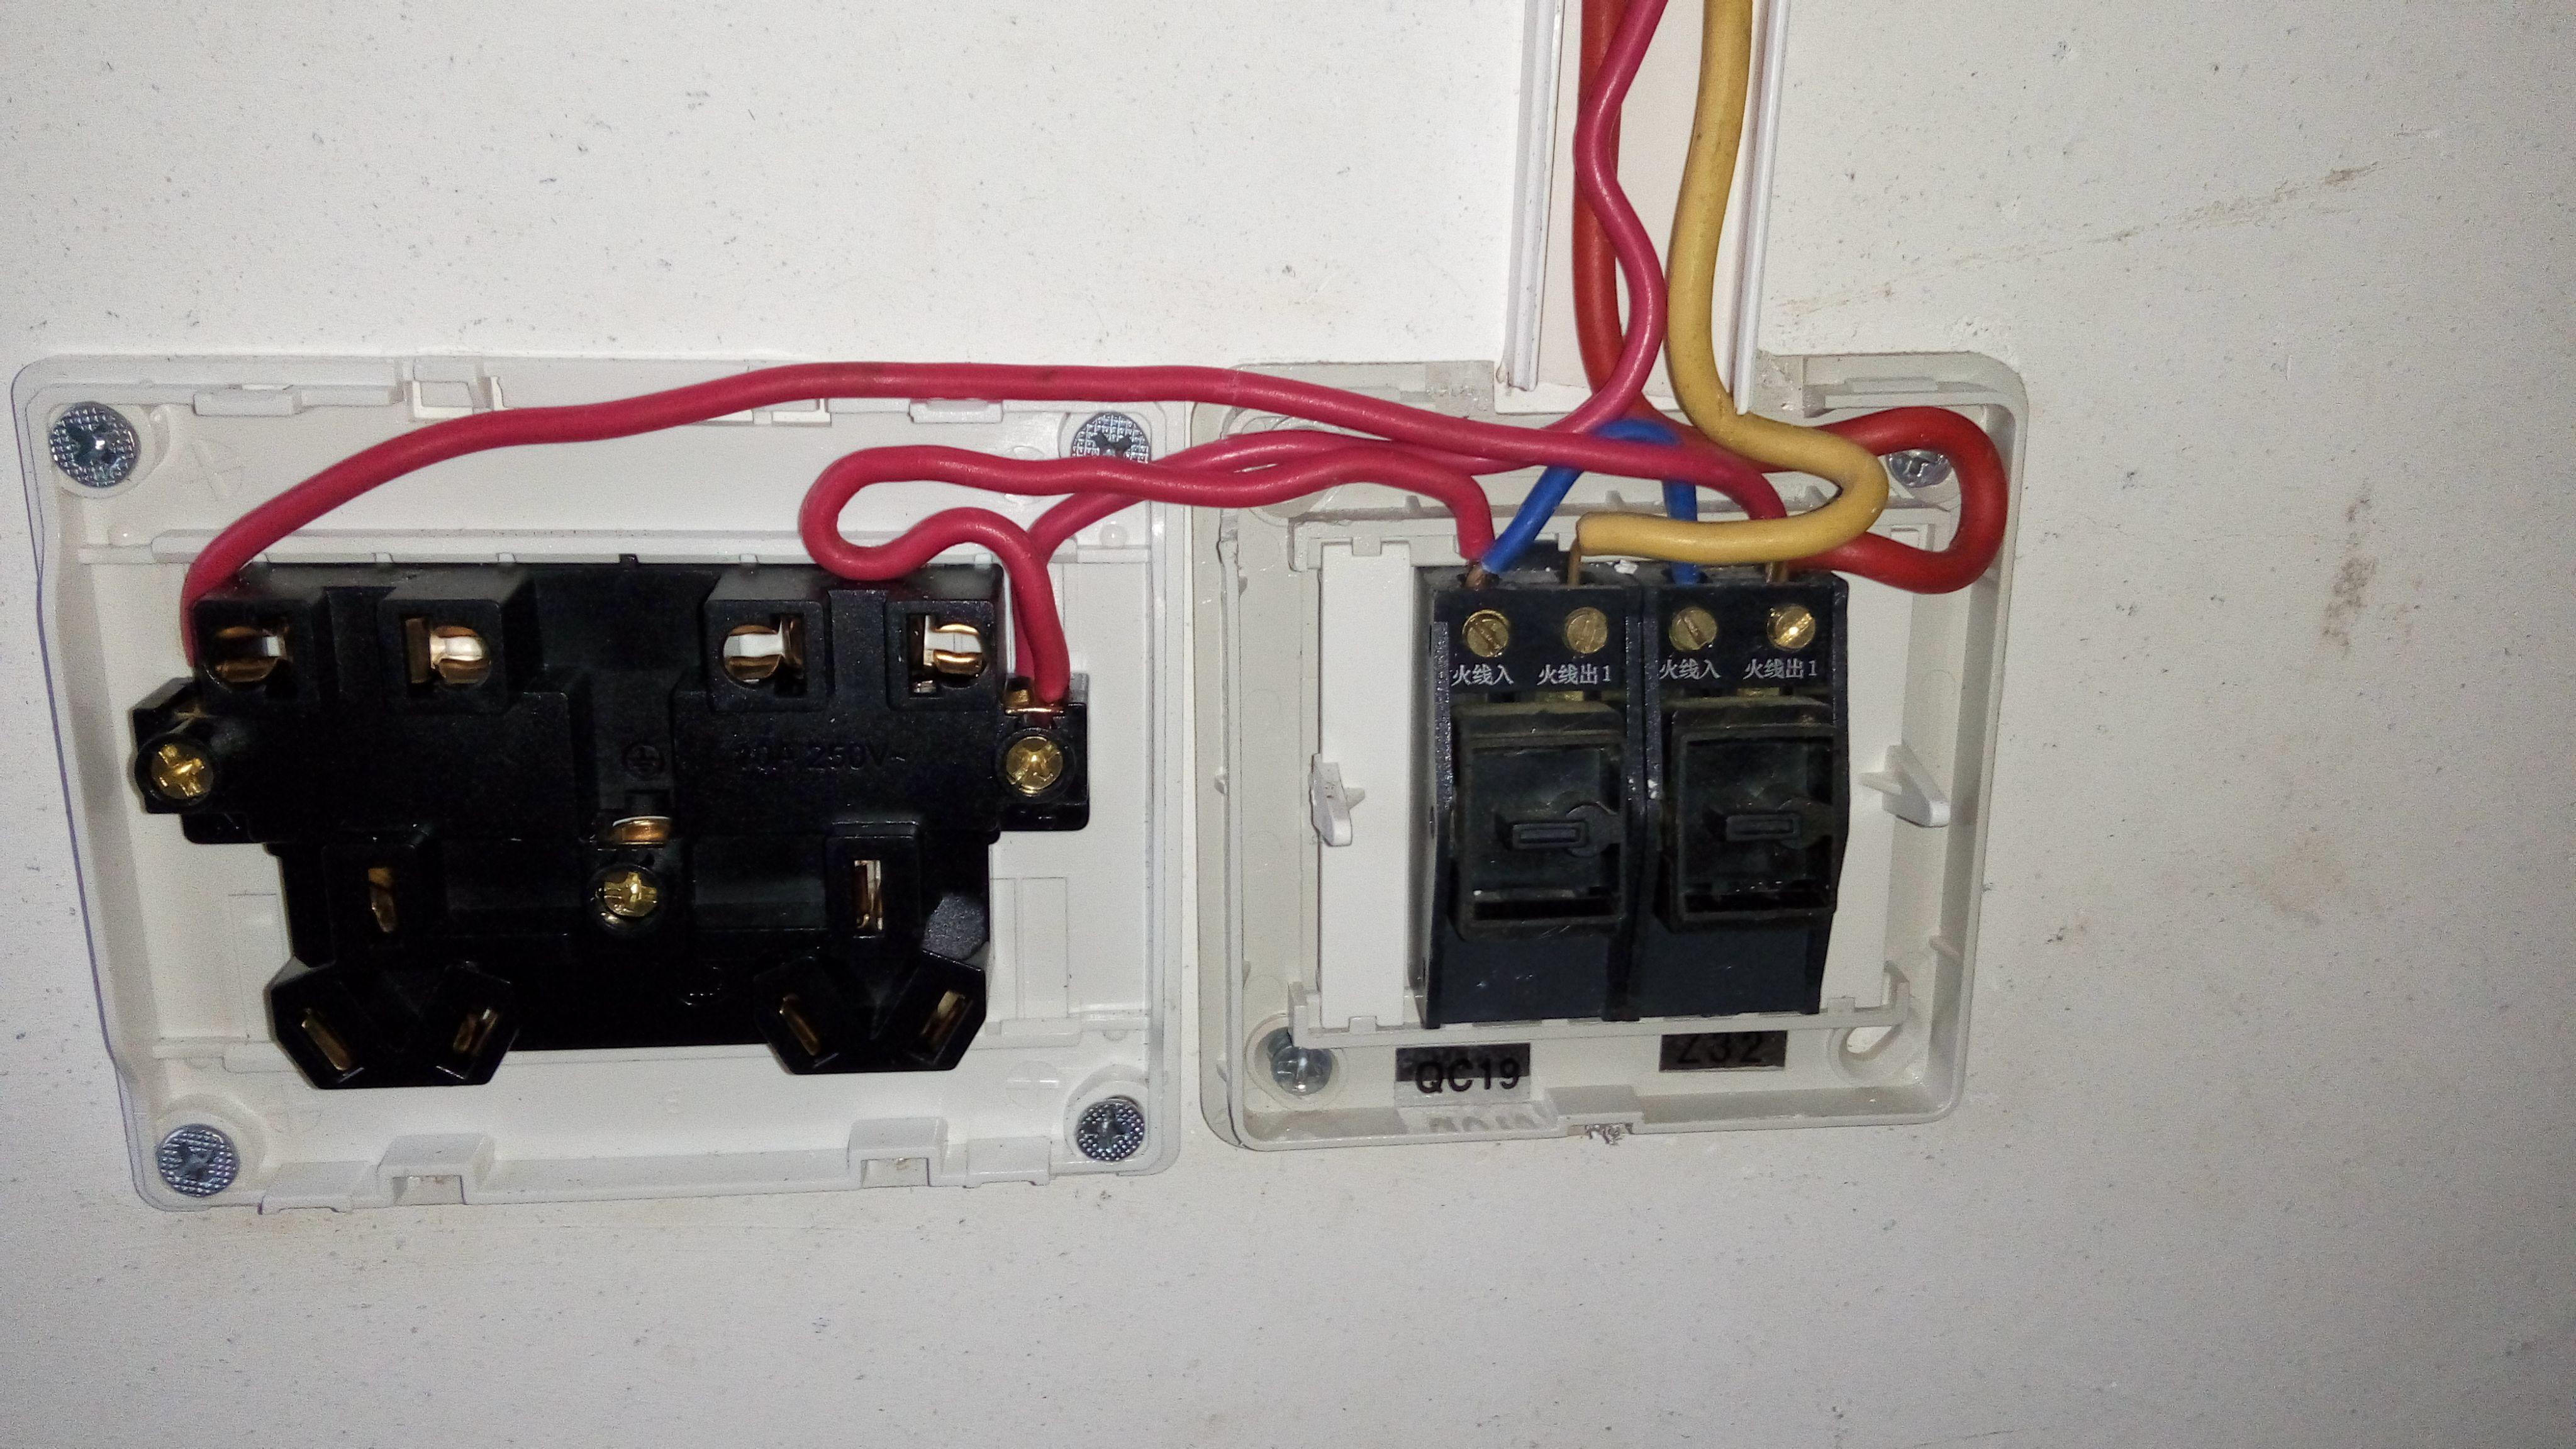 5 家里原本只有两个灯开关的 我想在旁边加一个十孔插座,要怎么接线